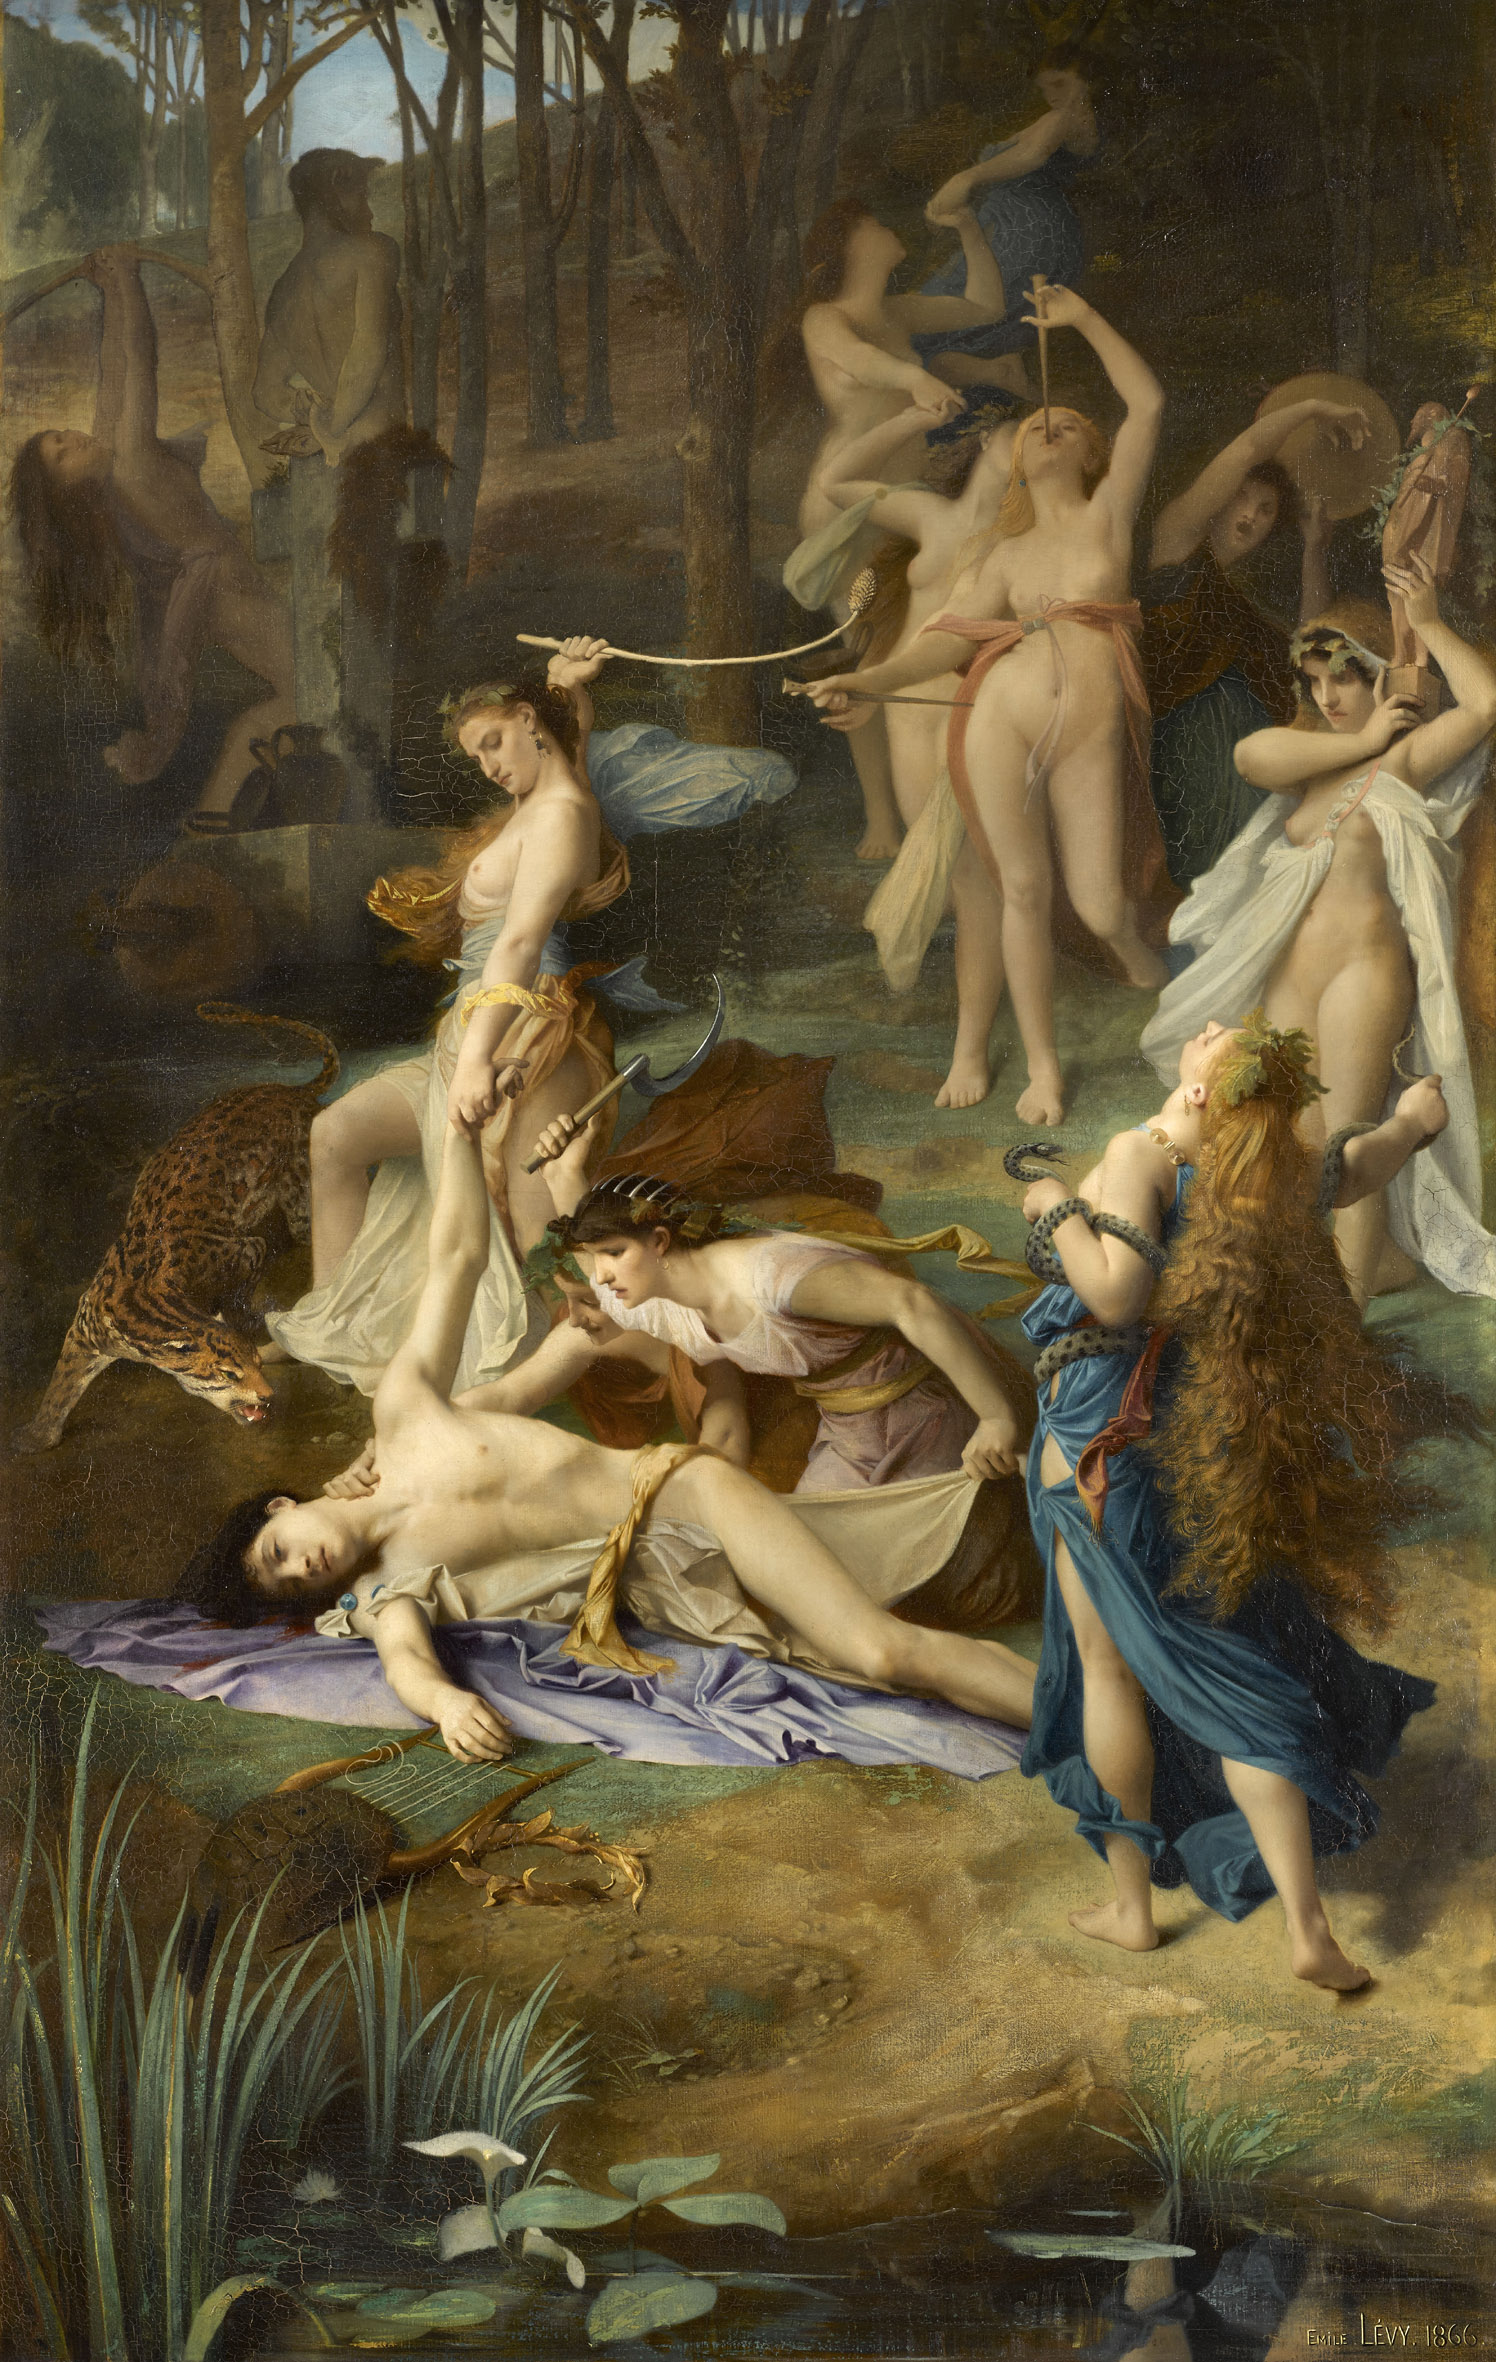 Émile Lévy, La Mort d'Orphée , 1866, huile sur toile, Paris, musée d'Orsay. Photo © RMN-Grand Palais (musée d'Orsay) / Stéphane Maréchalle